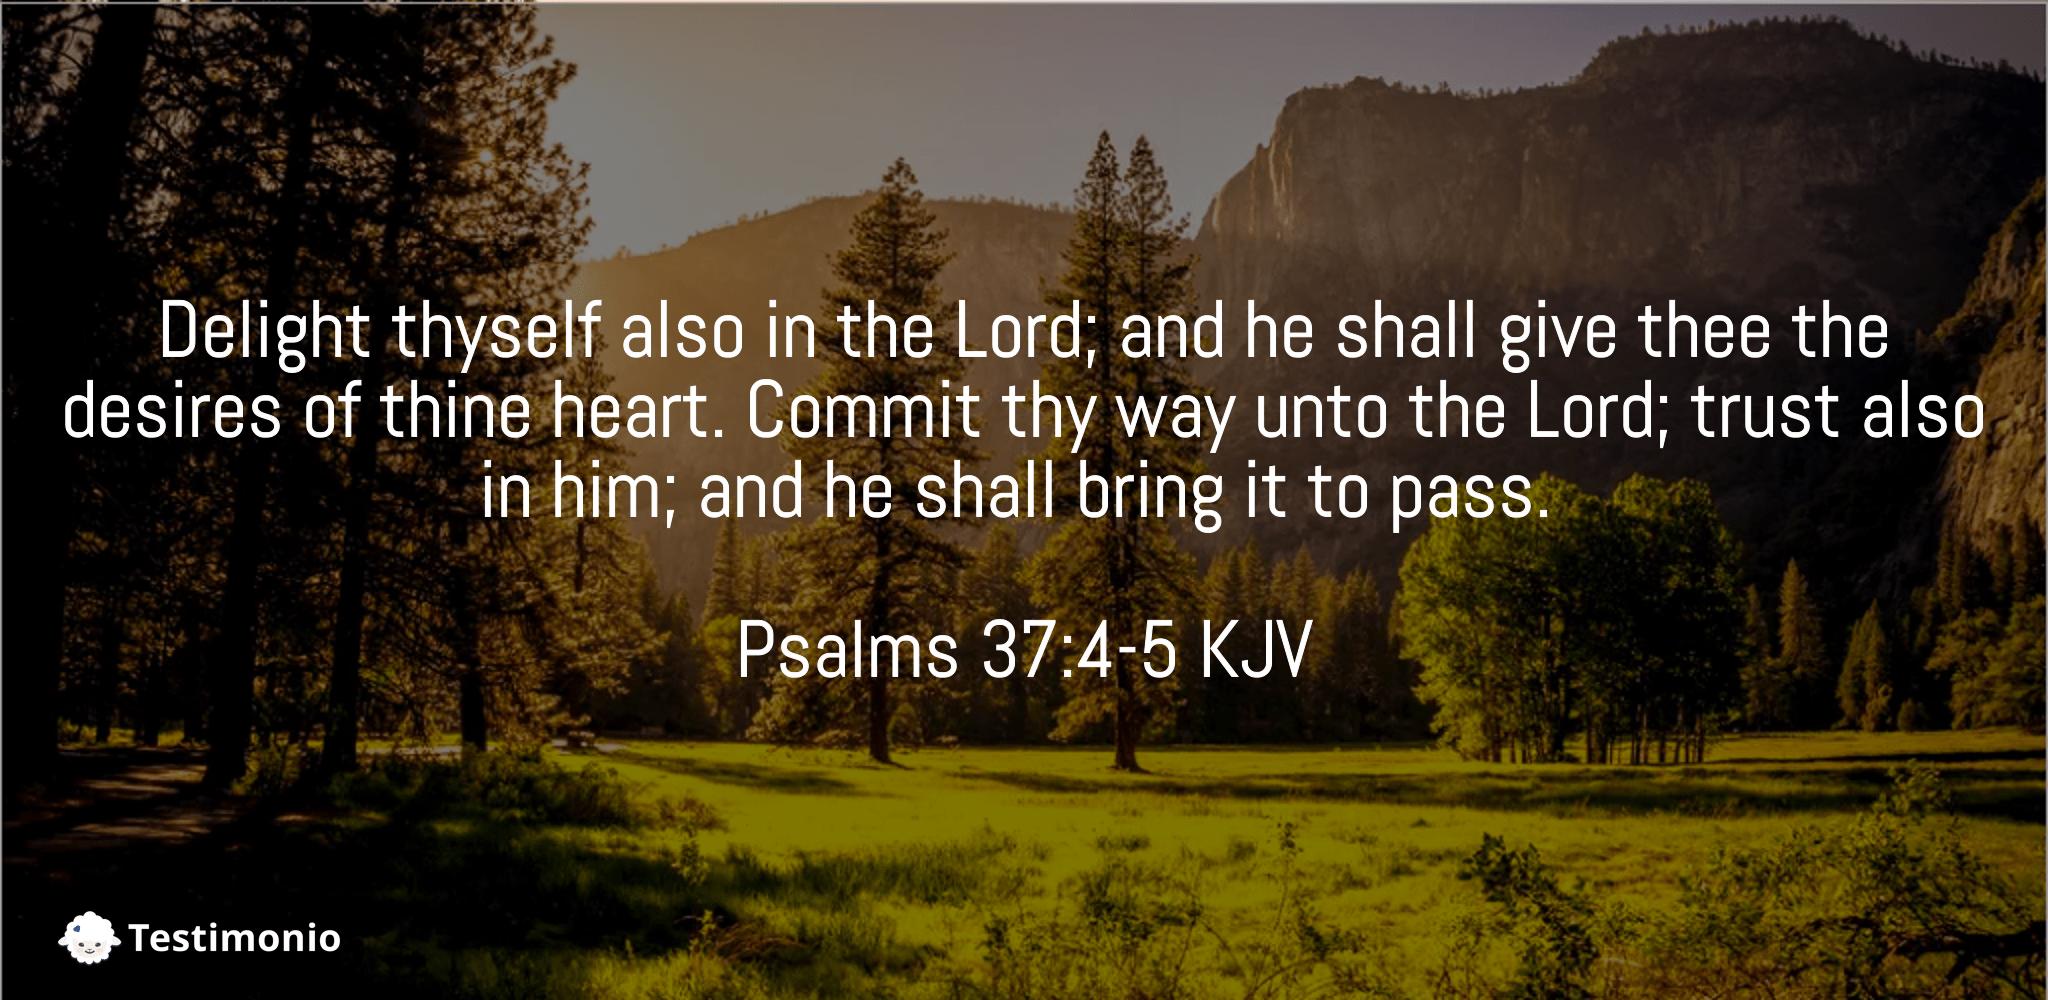 Psalms 37:4-5